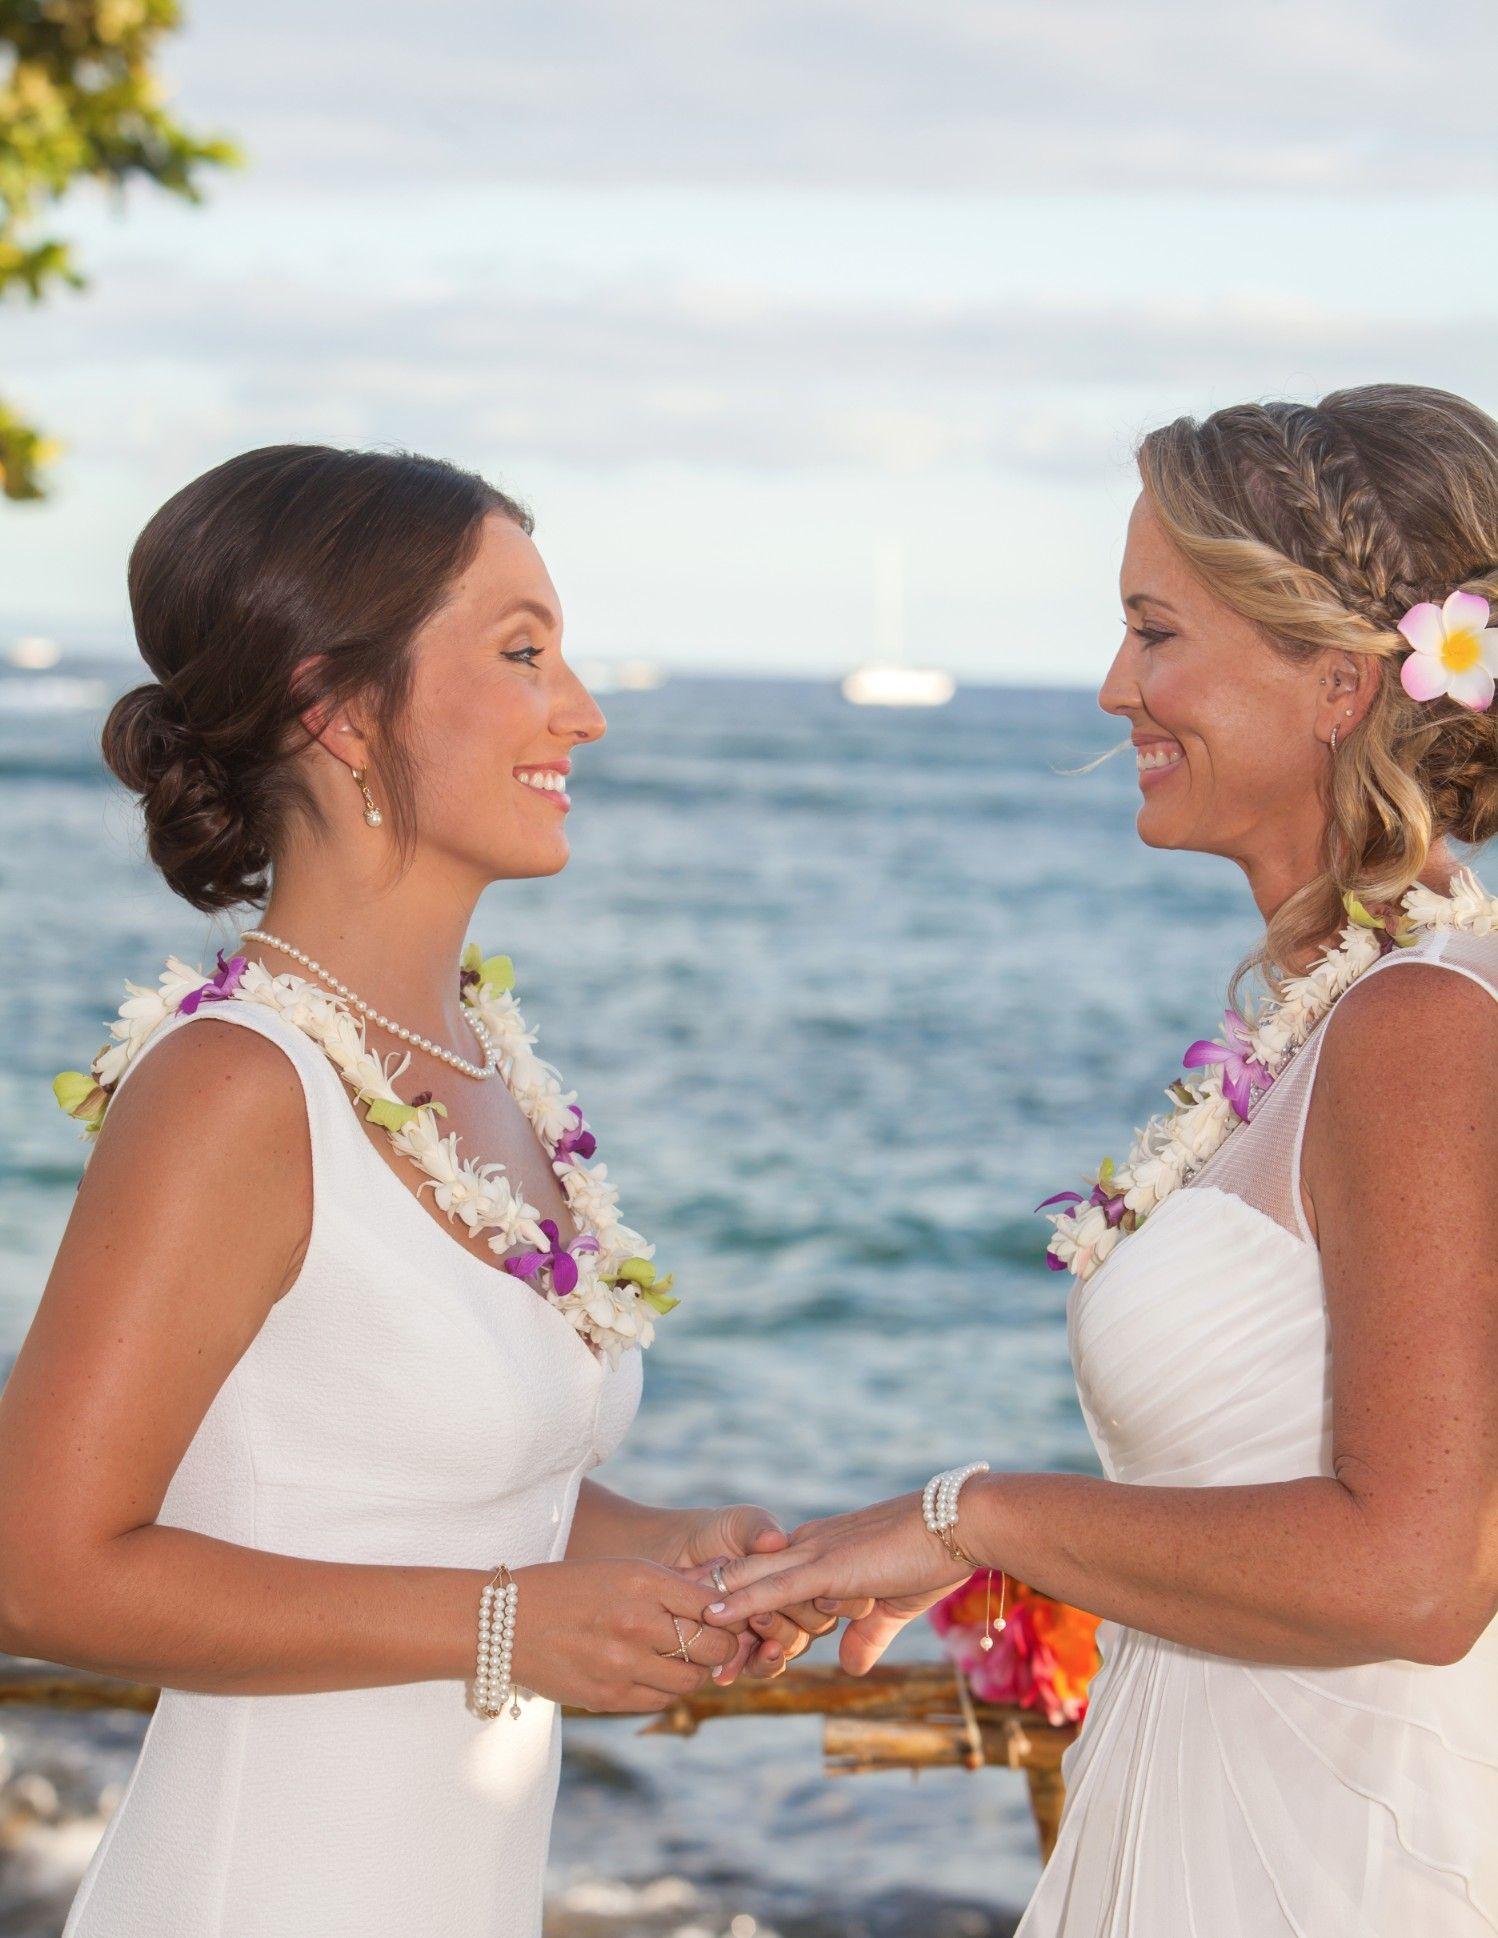 23 Super Cute Lesbian Wedding Ideas - BuzzFeed